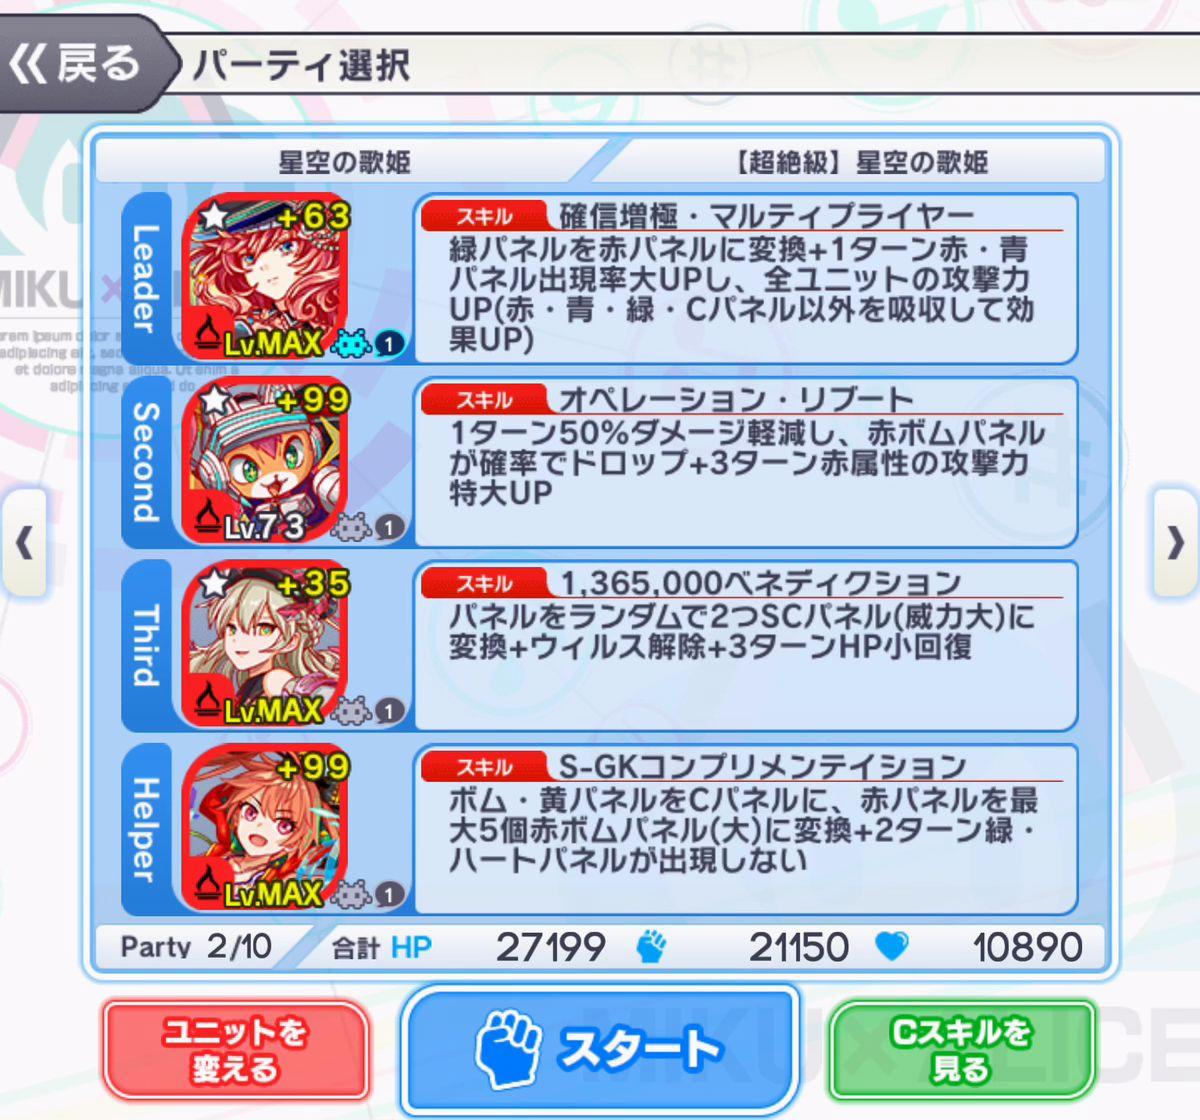 クラッシュフィーバー【攻略】: 初音ミクコラボクエスト「星空の歌姫」超絶級ノーコン攻略